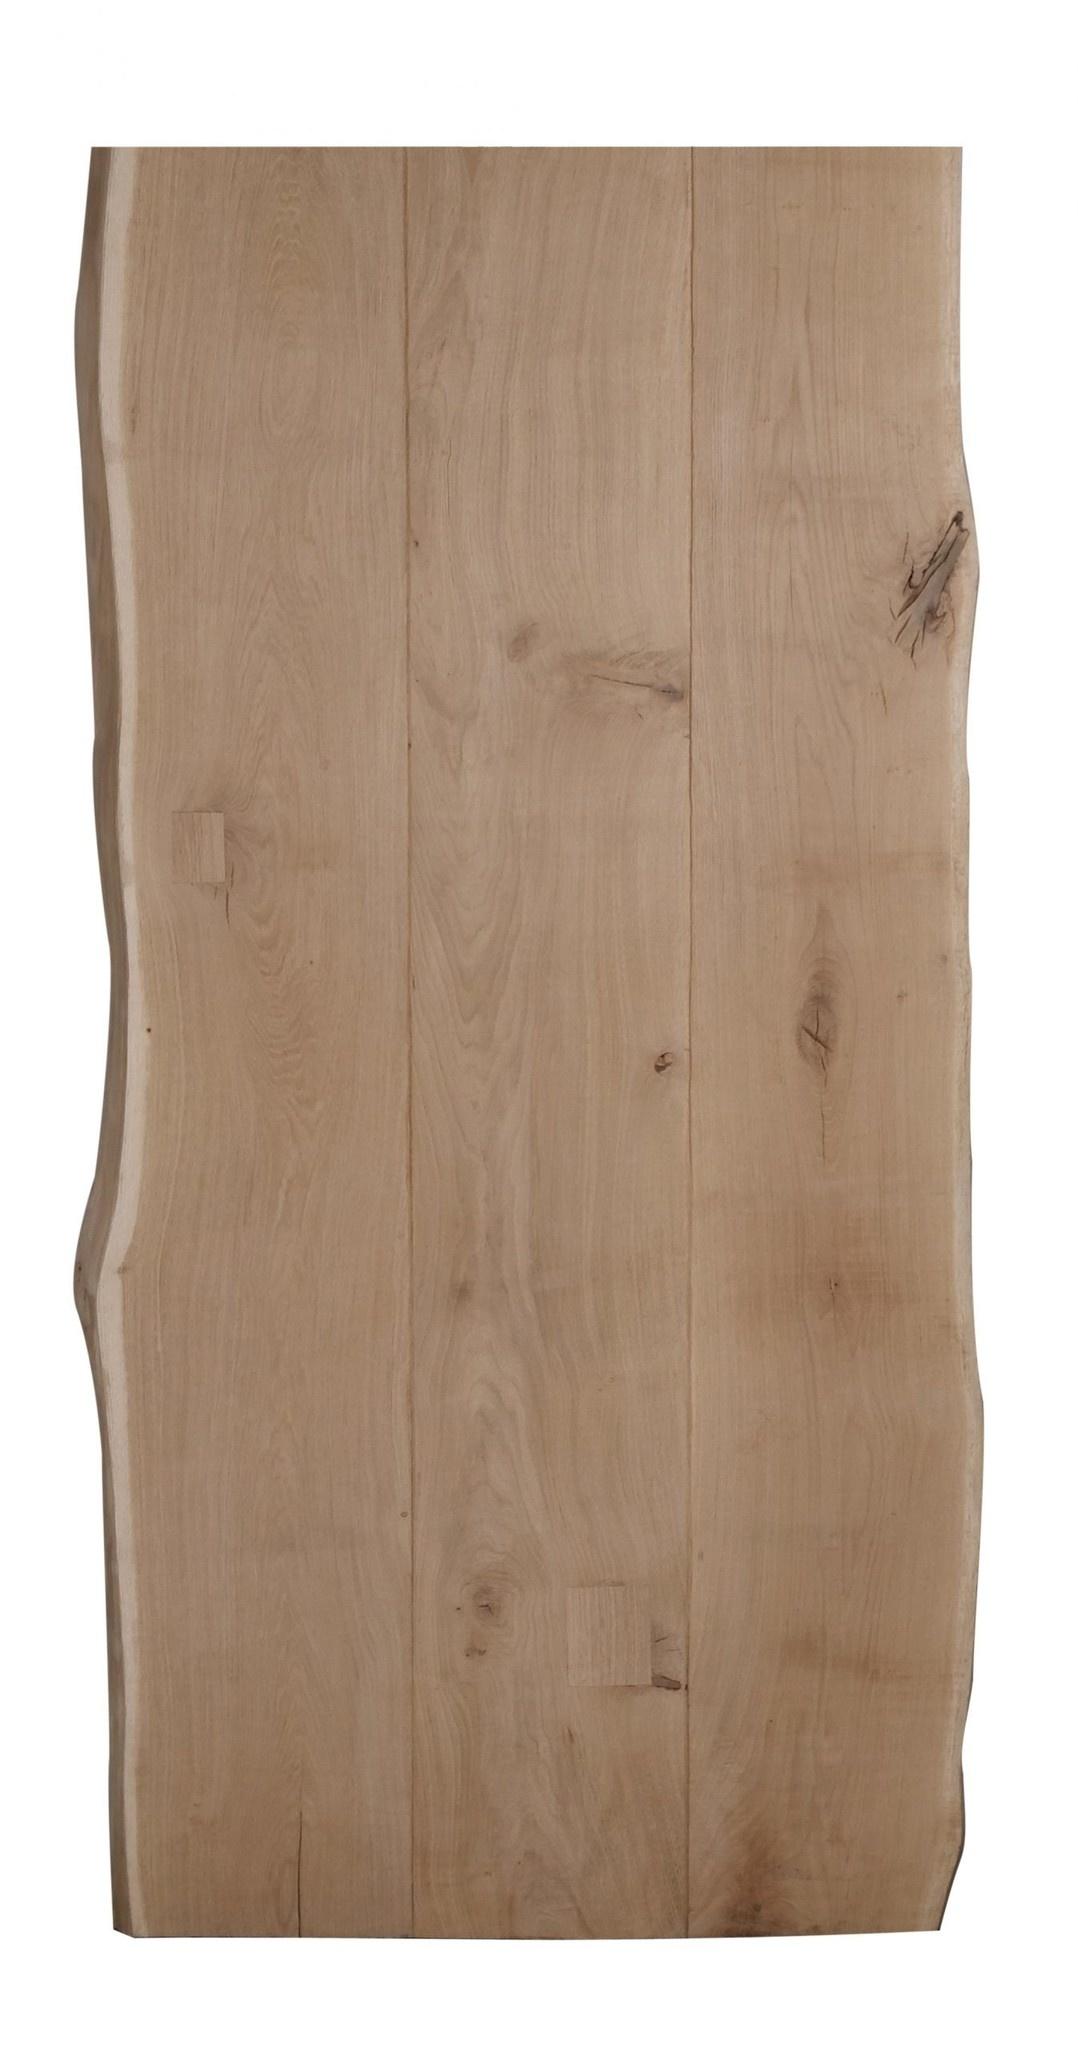 Tischplatte Wildeiche Baumkante LUXUS (3-Lamellen) - 4,5 cm dick - verschiedene Größen - Asteiche (rustikal) - Gebürstet + V-Fugen - Eiche Tischplatte mit natürlichen Baumkant - Verleimt & künstlich getrocknet (HF 8-12%)